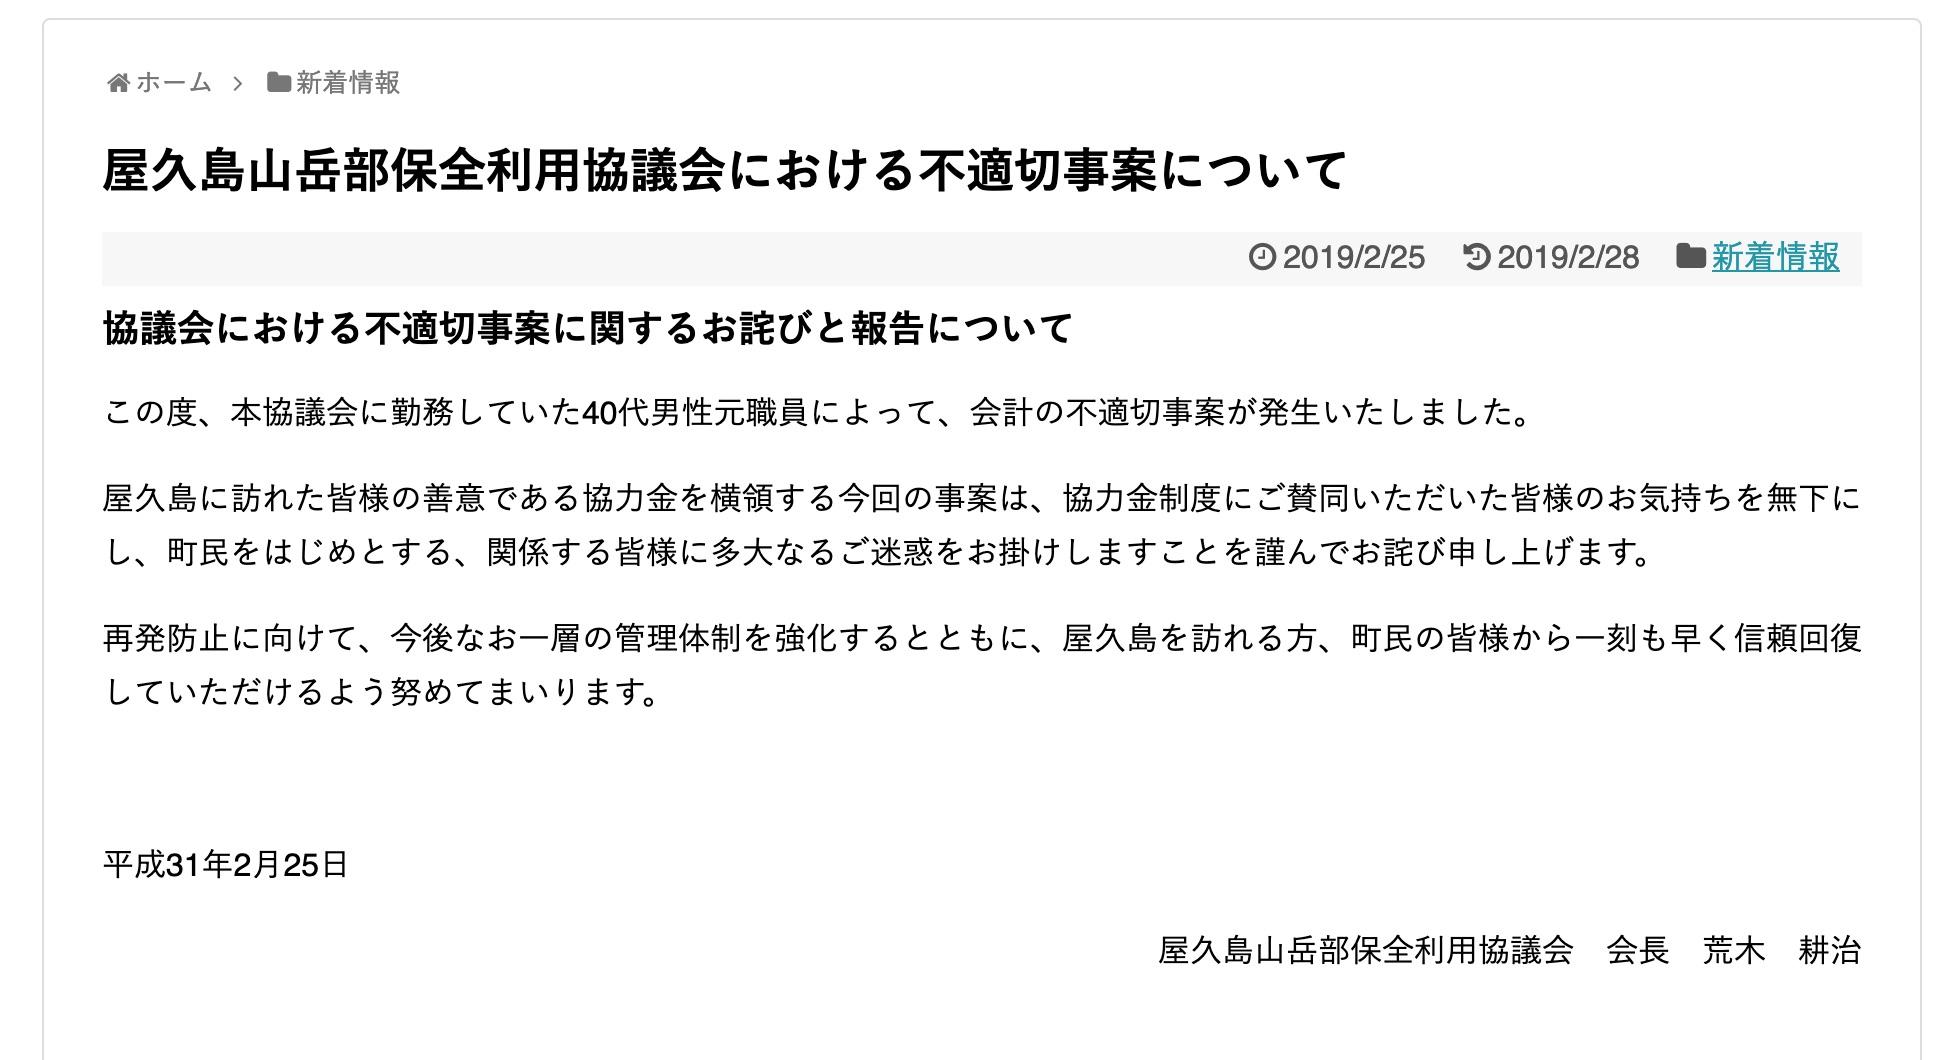 「屋久島山岳部保全利用協議会における不適切事案について」抜粋画像